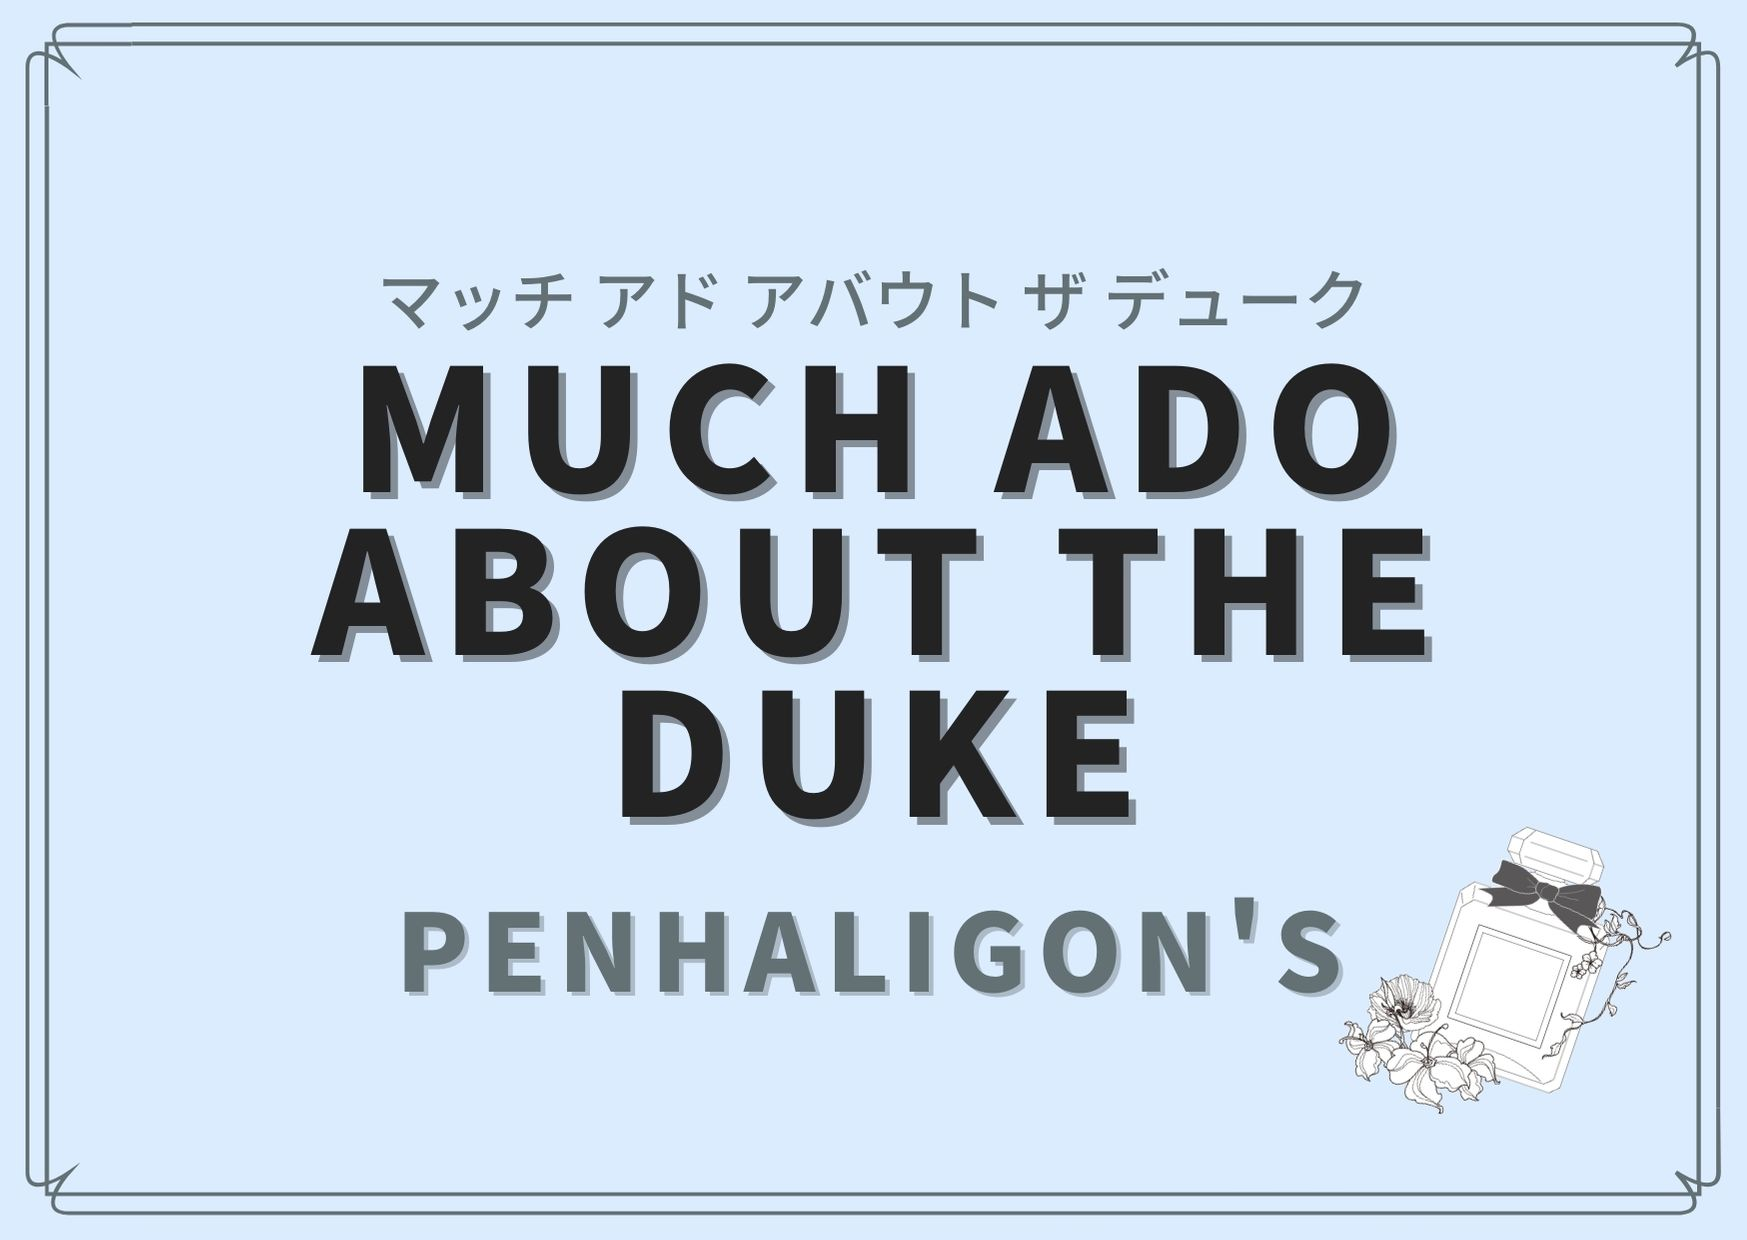 MUCH ADO ABOUT THE DUKE(マッチ アド アバウト ザ デューク)/PENHALIGON'S(ペンハリガン)